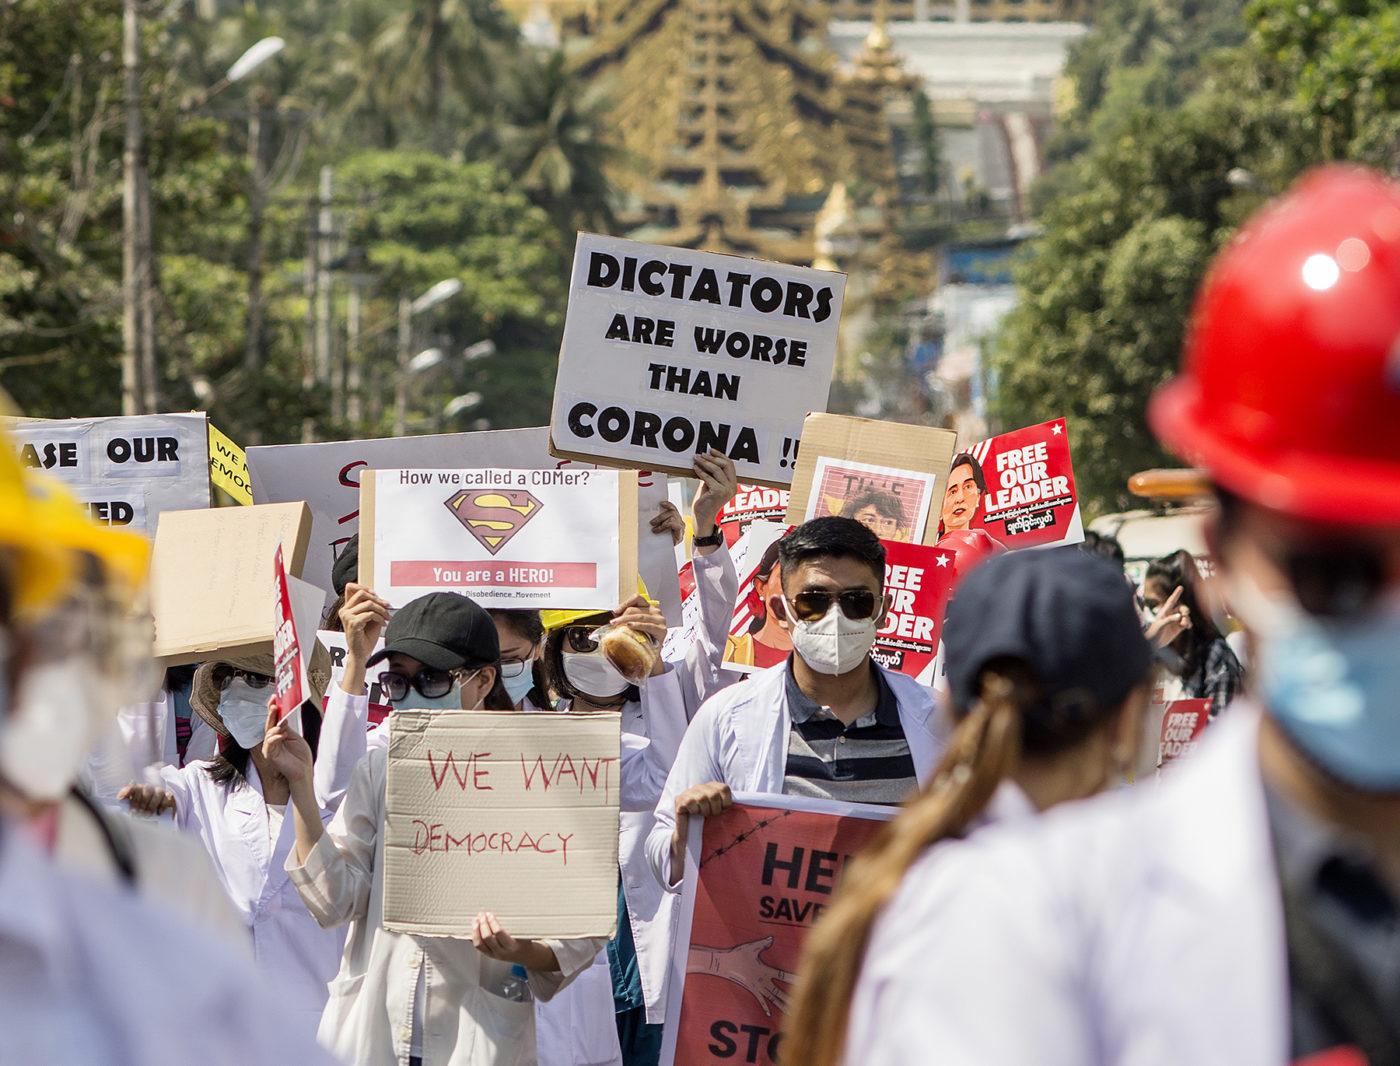 Mielenosoittajia kyltteineen, taustalla kultainen pagoda.